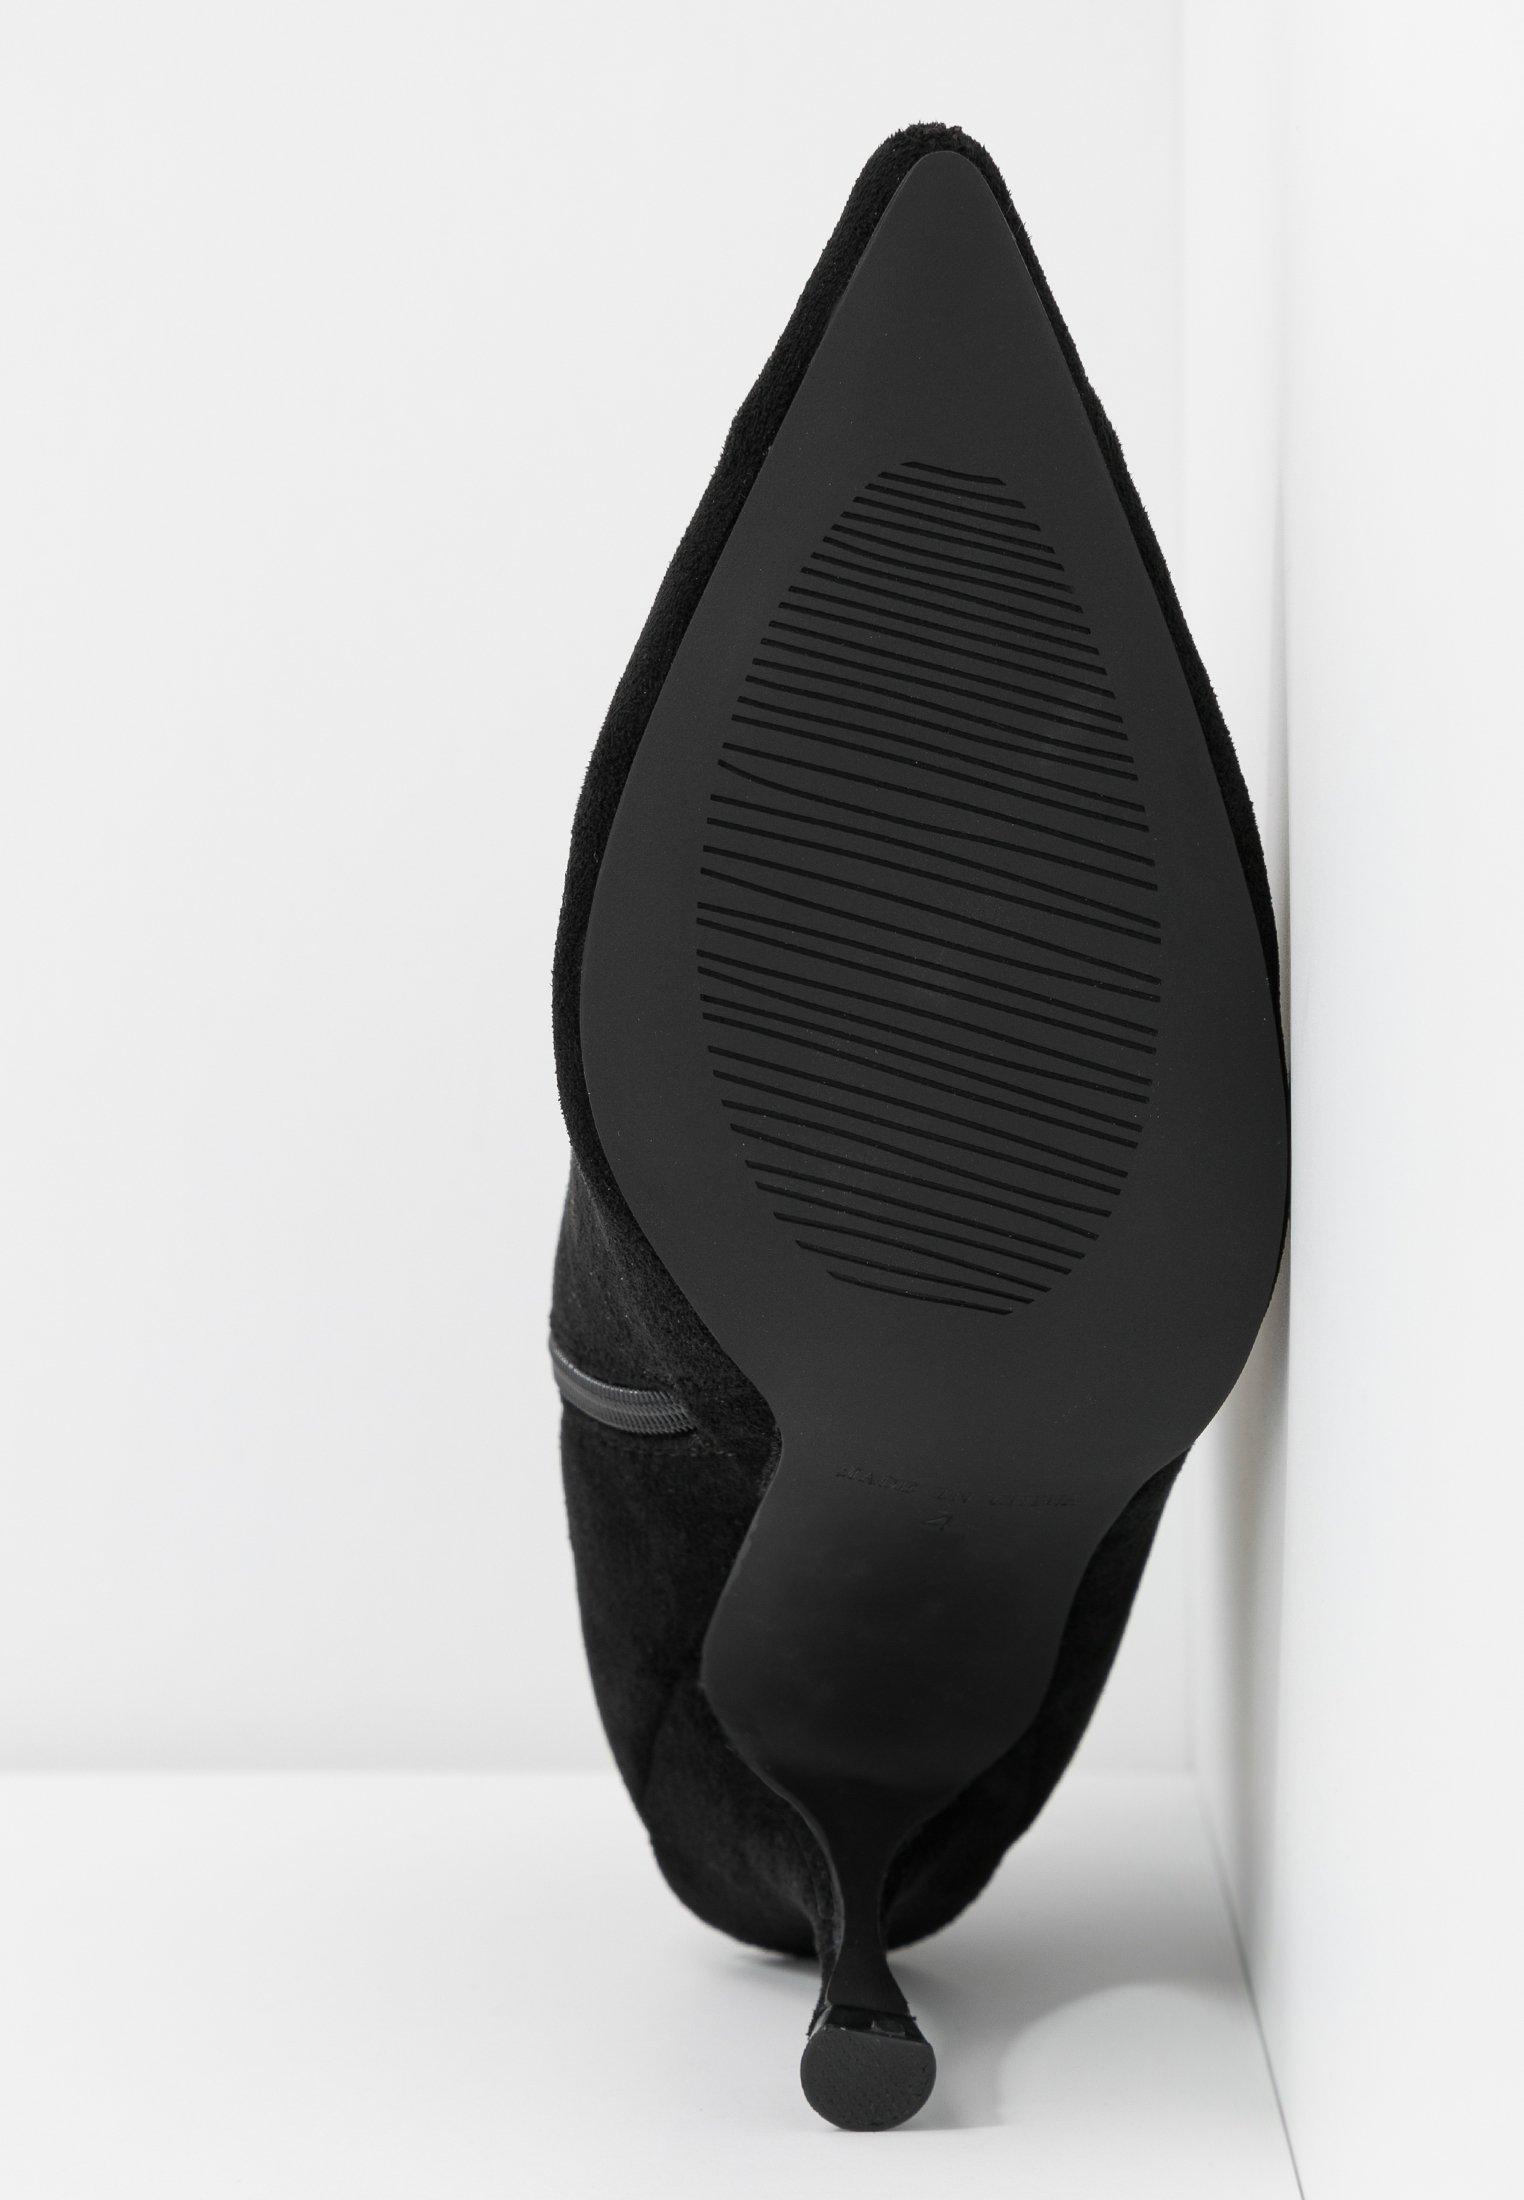 BEBO LEGACY - Bottines à talons hauts black